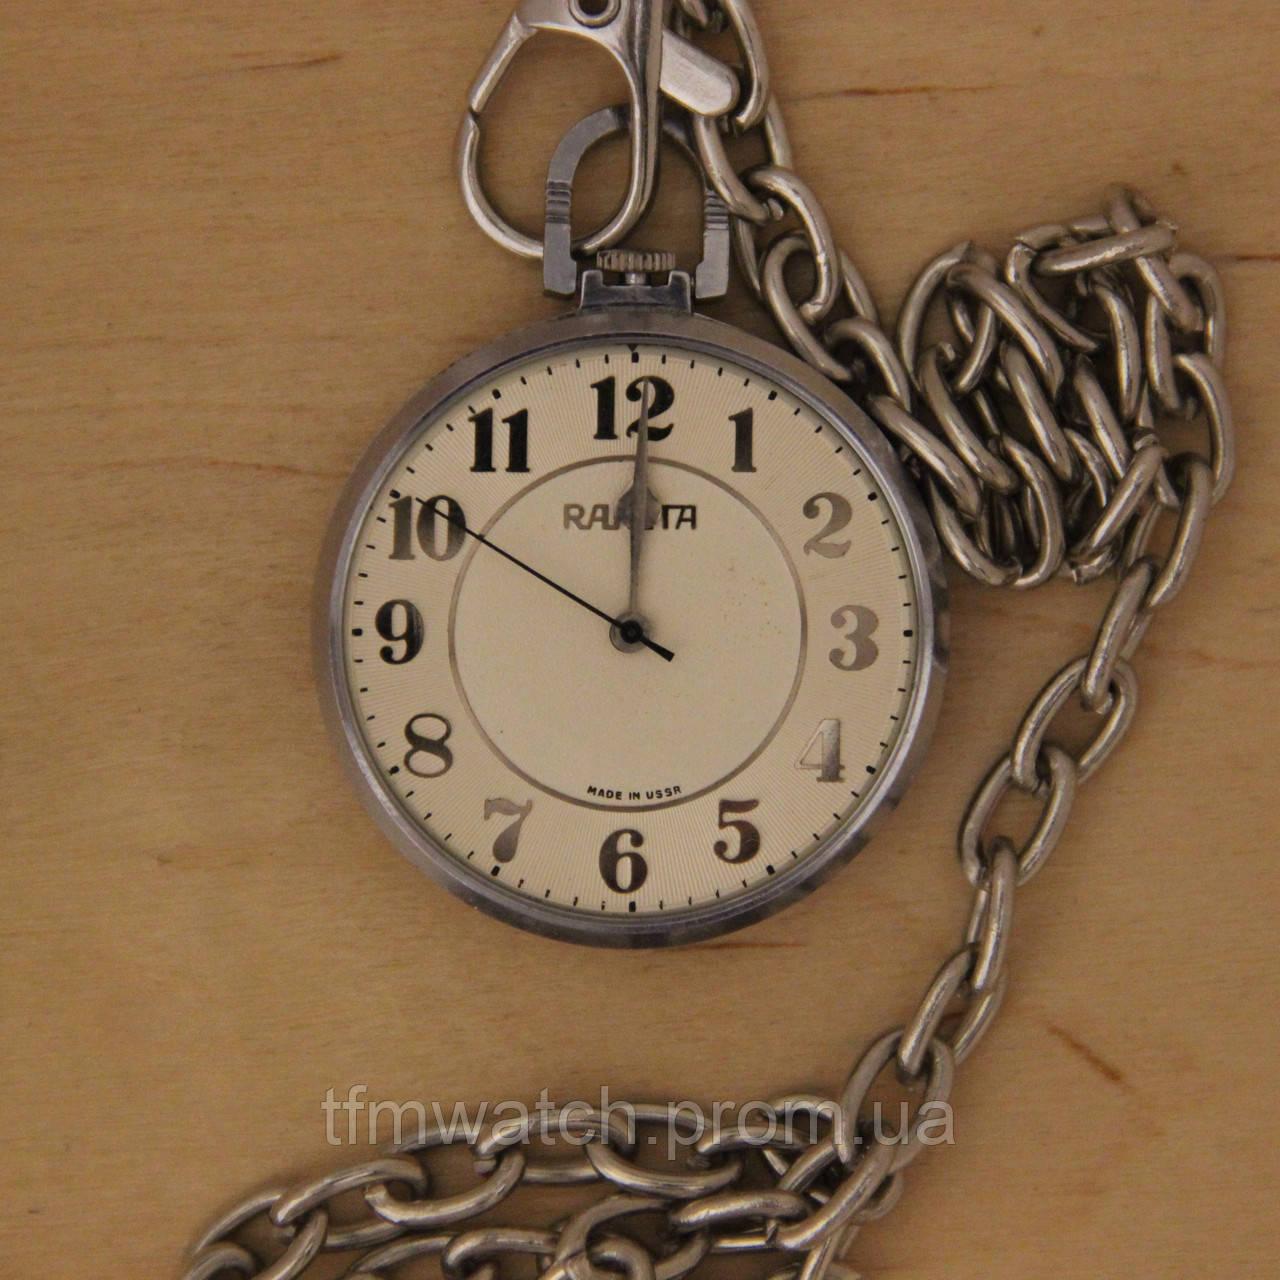 Ссср ракета стоимость карманные часы часы продам золотые